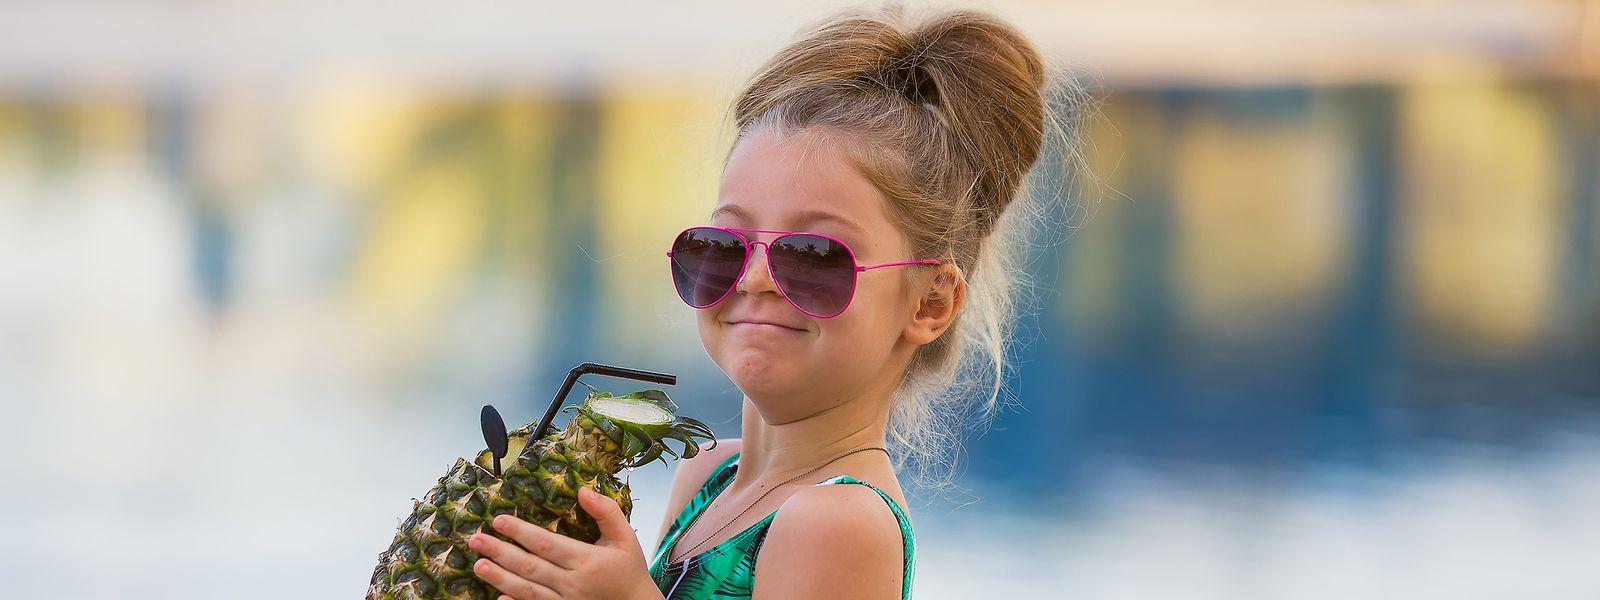 Cocktail am Pool und Kinderdisco: Immer mehr Hotels sehen Kinder als wichtige Gäste.